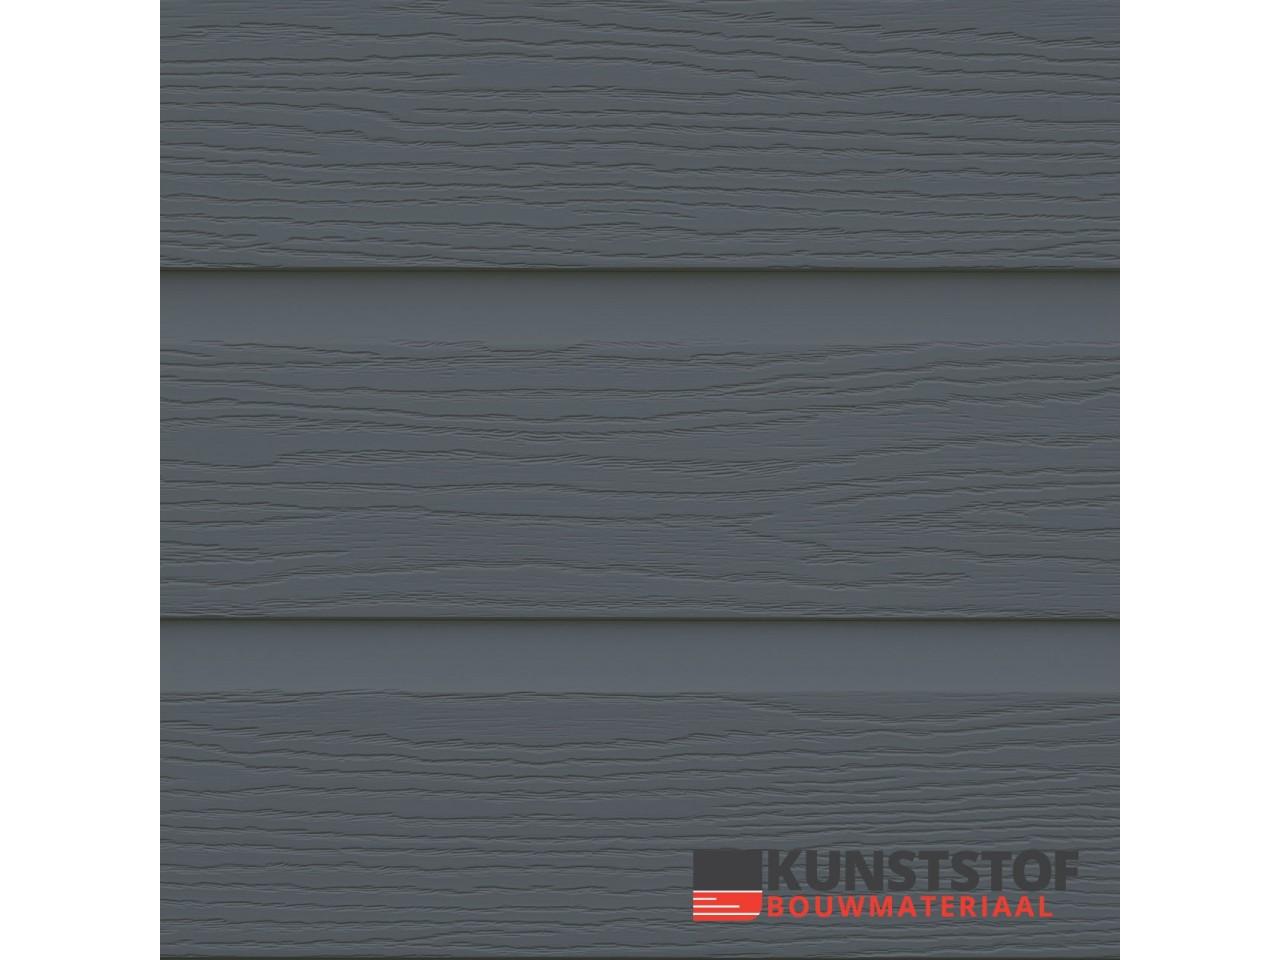 Eurotexx Dubbel rabat kunststof gevelbekleding in de kleur antraciet donkergrijs - RAL 7015